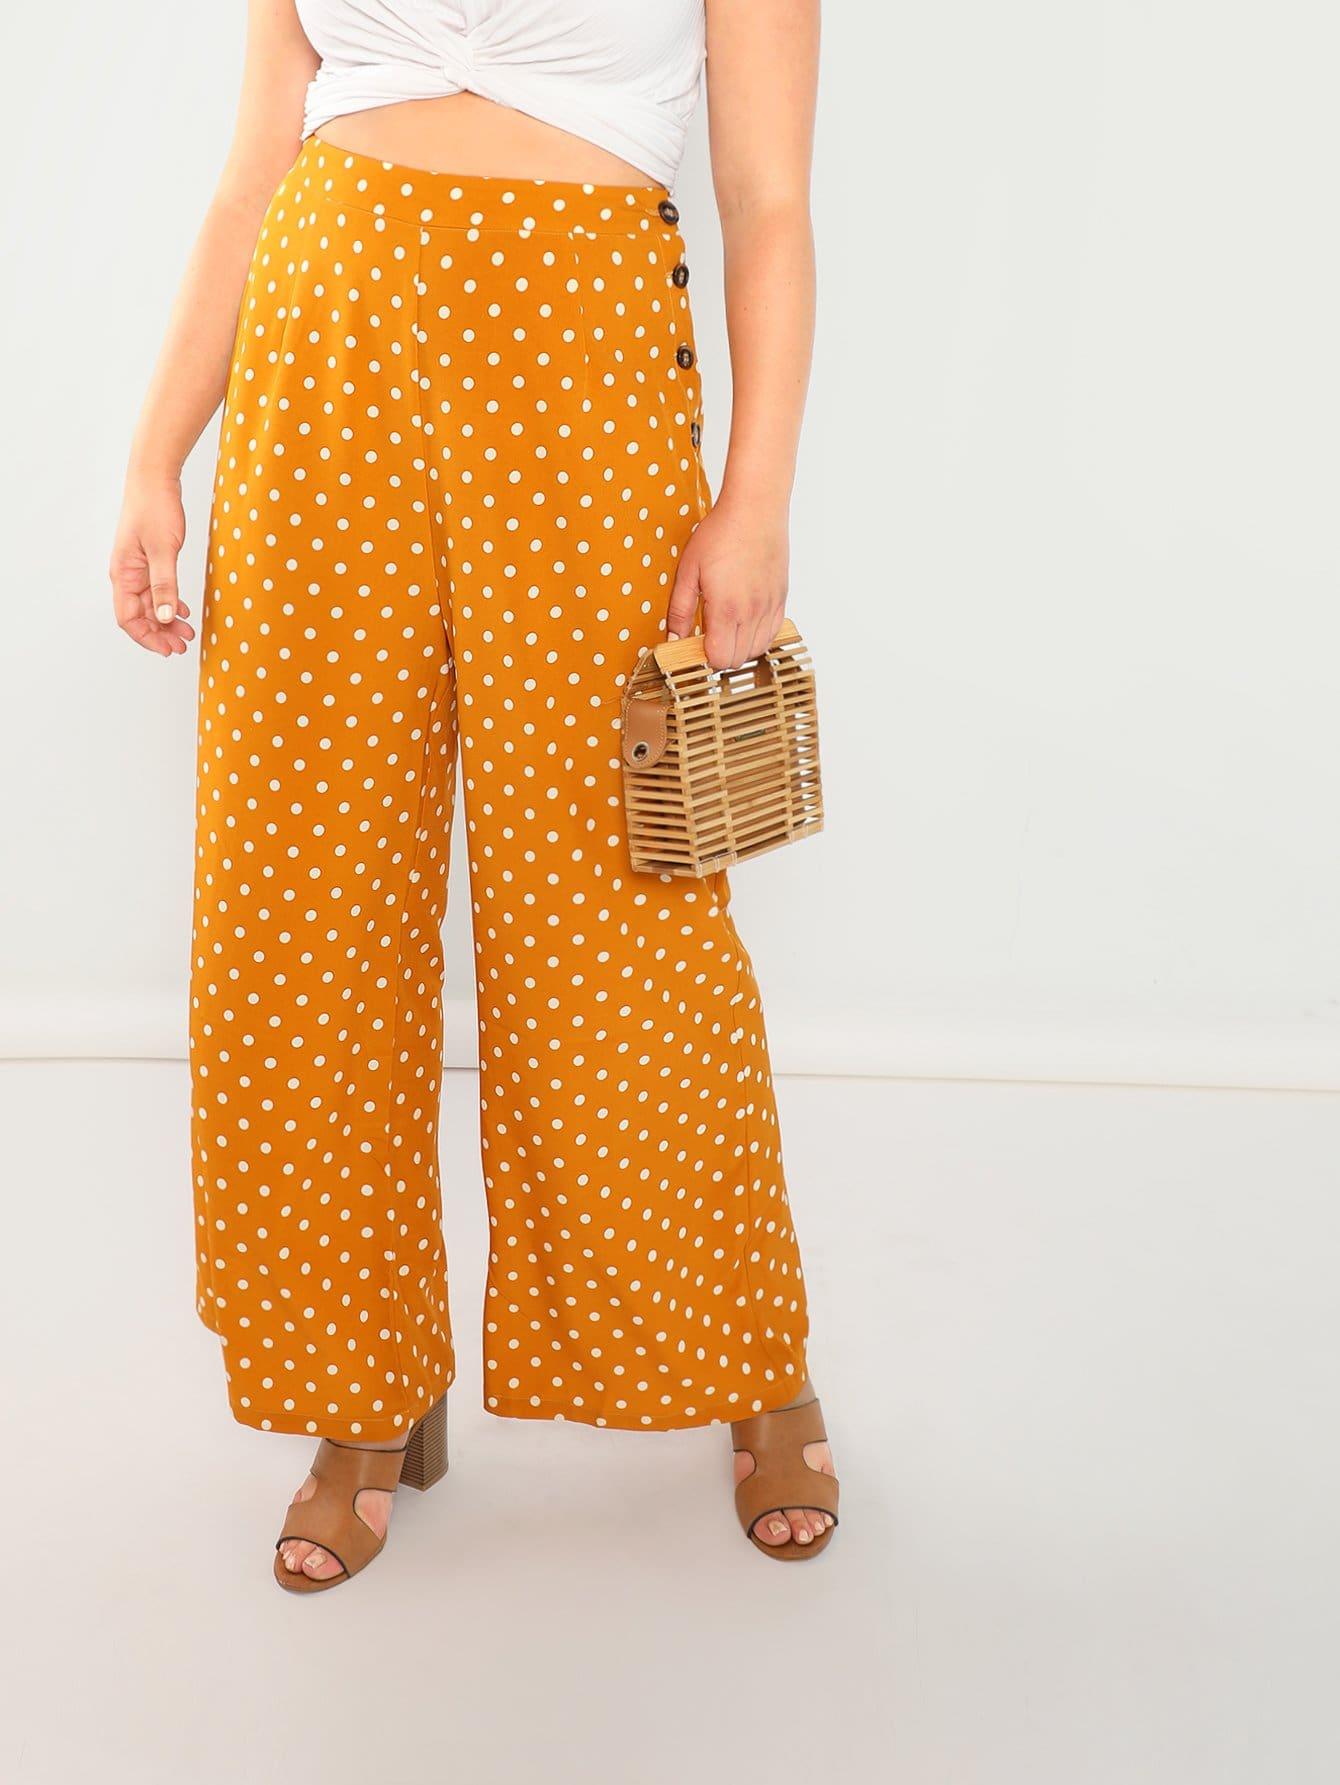 Купить Плюс размеры брюки в крапинку в пуговицу сбоку, Sydney Ness, SheIn